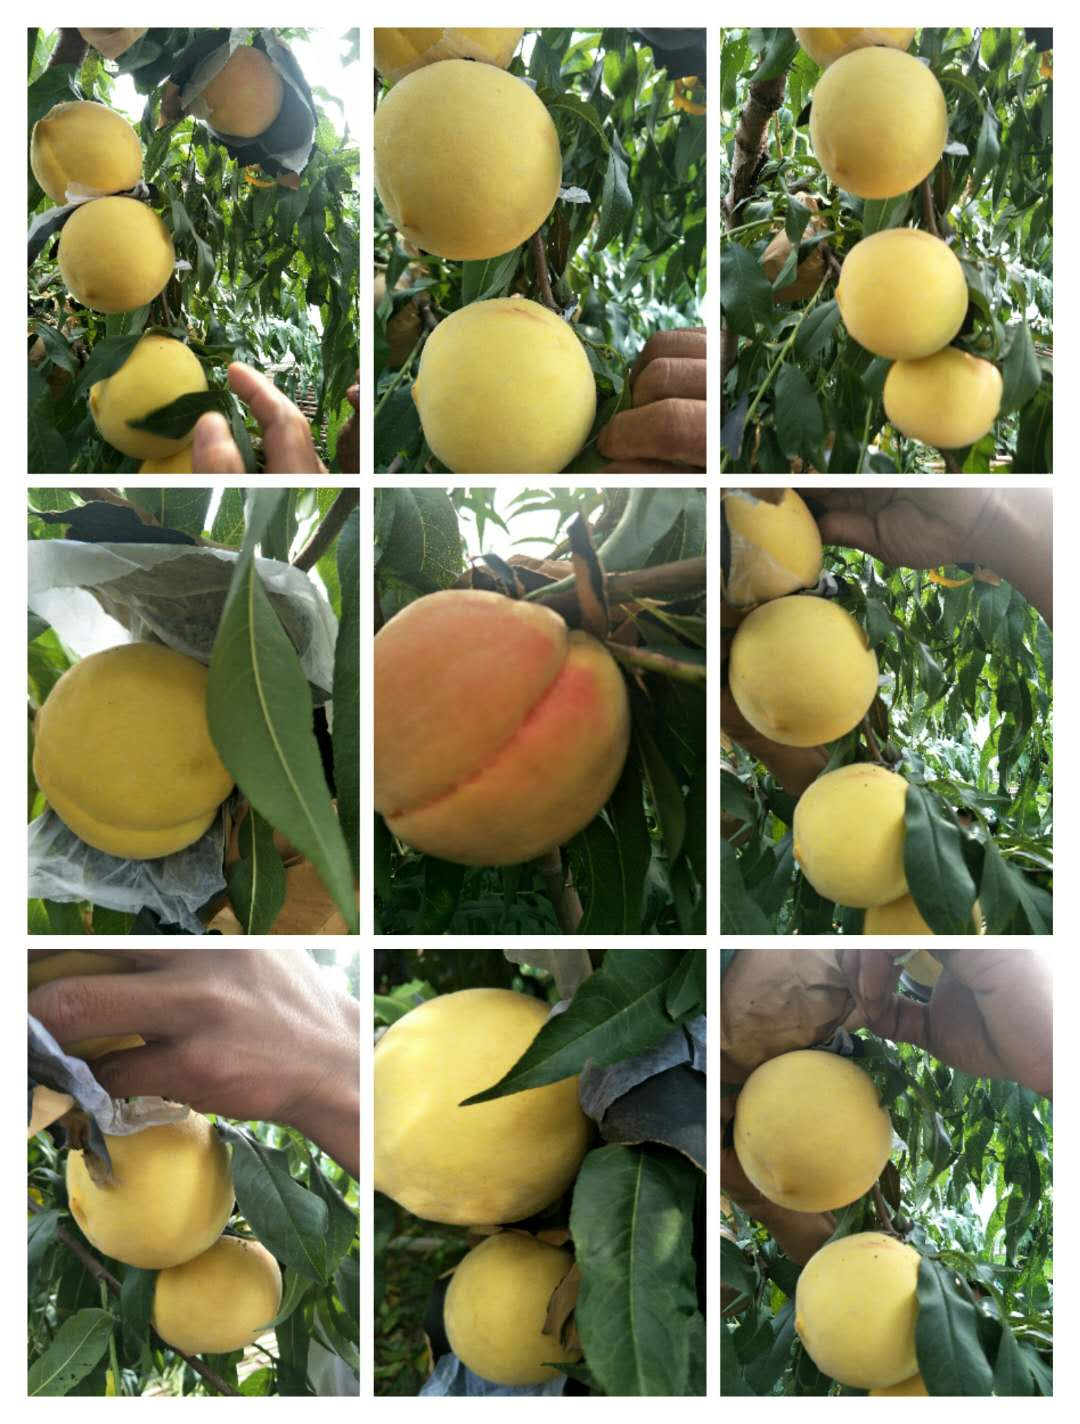 和龙市国庆黄油桃专业供应商